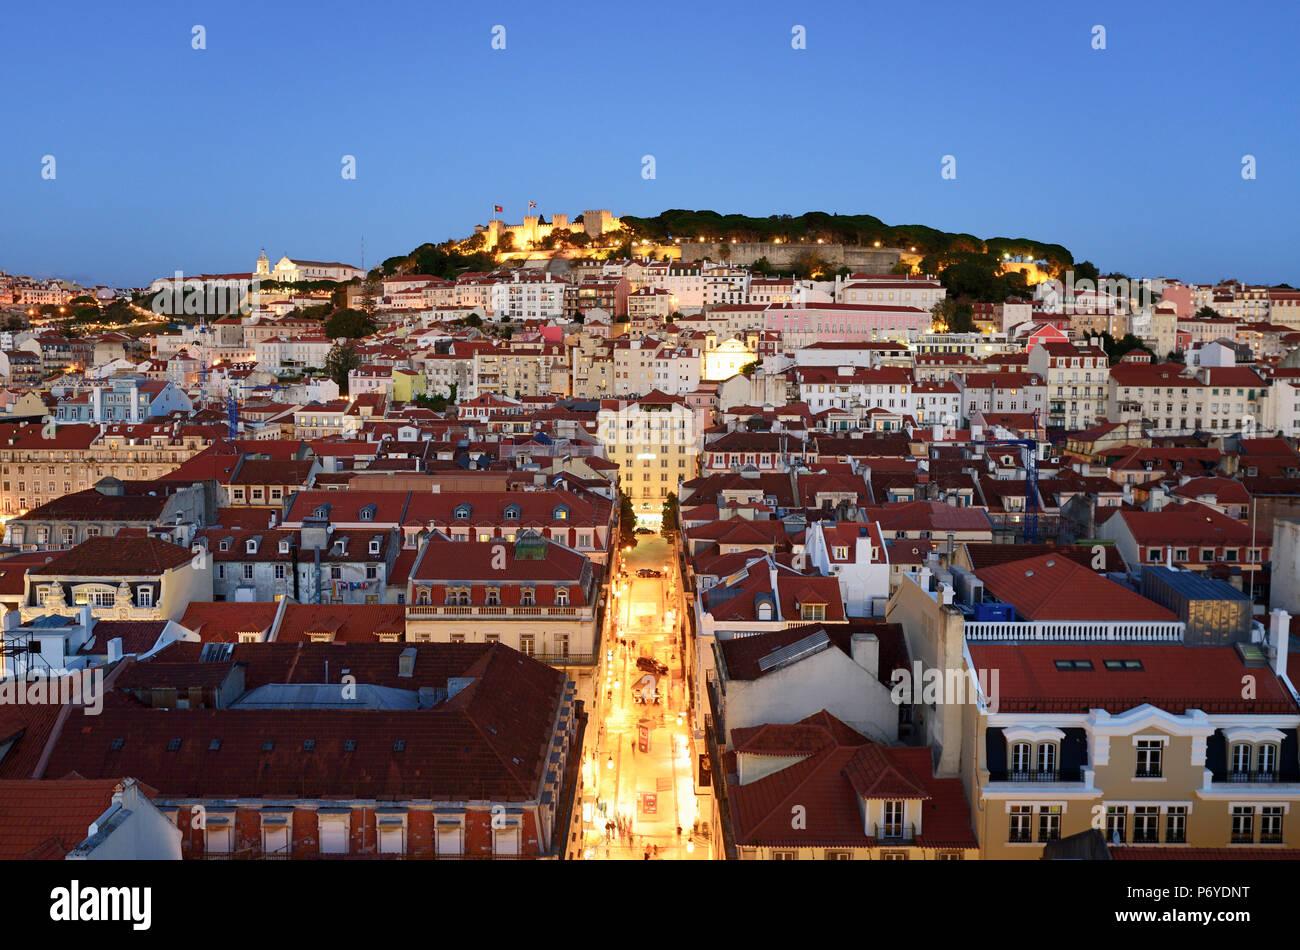 Le centre historique (Baixa) et le château Sao Jorge au crépuscule. Lisbonne, Portugal Banque D'Images